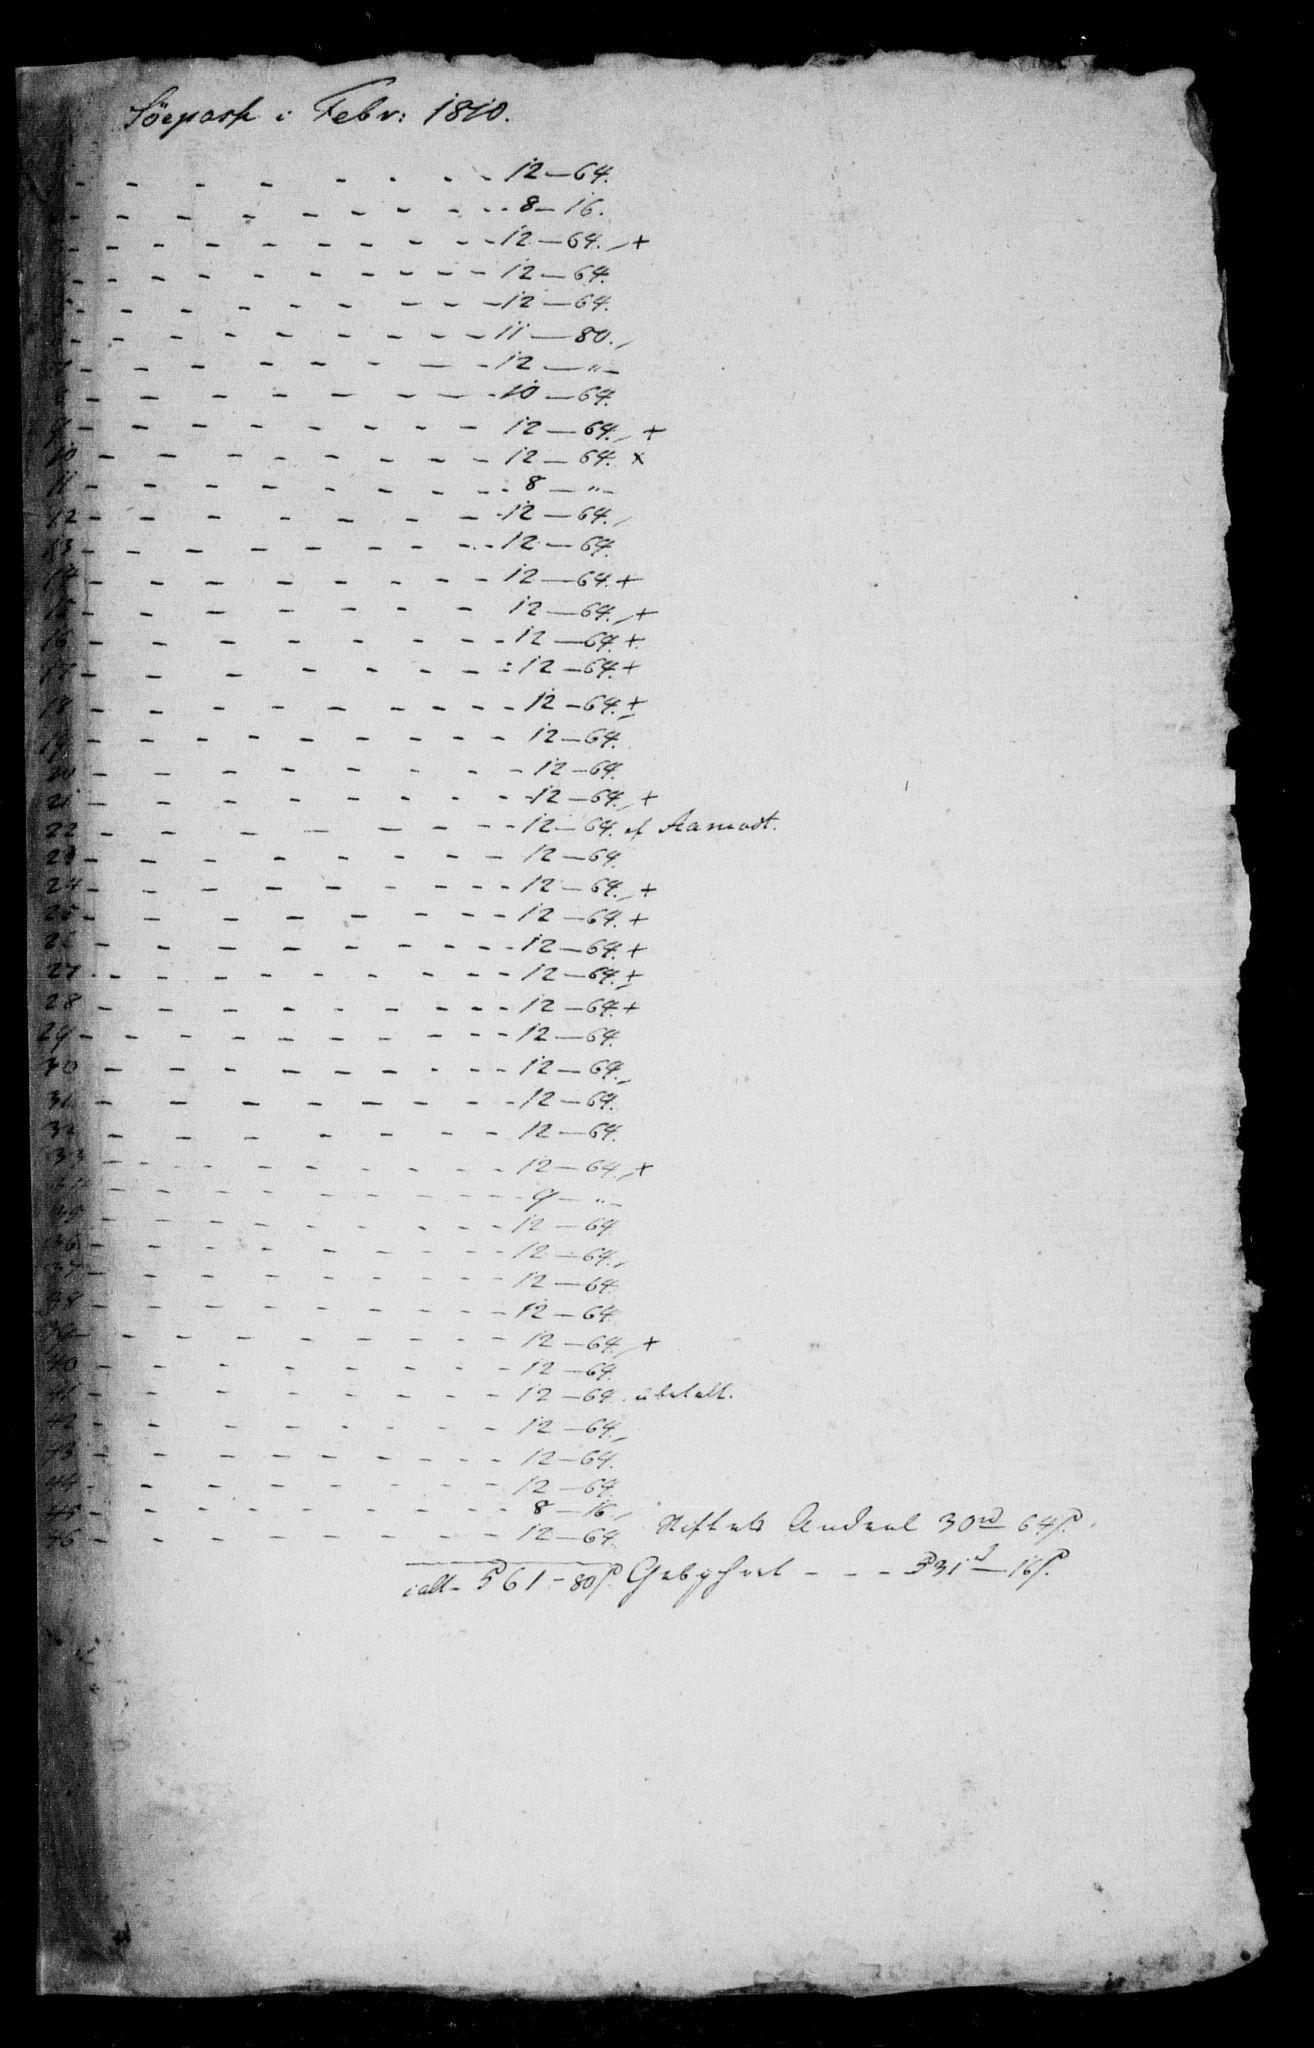 RA, Danske Kanselli, Skapsaker, F/L0052: Skap 13, pakke 2, 1809-1810, s. 463